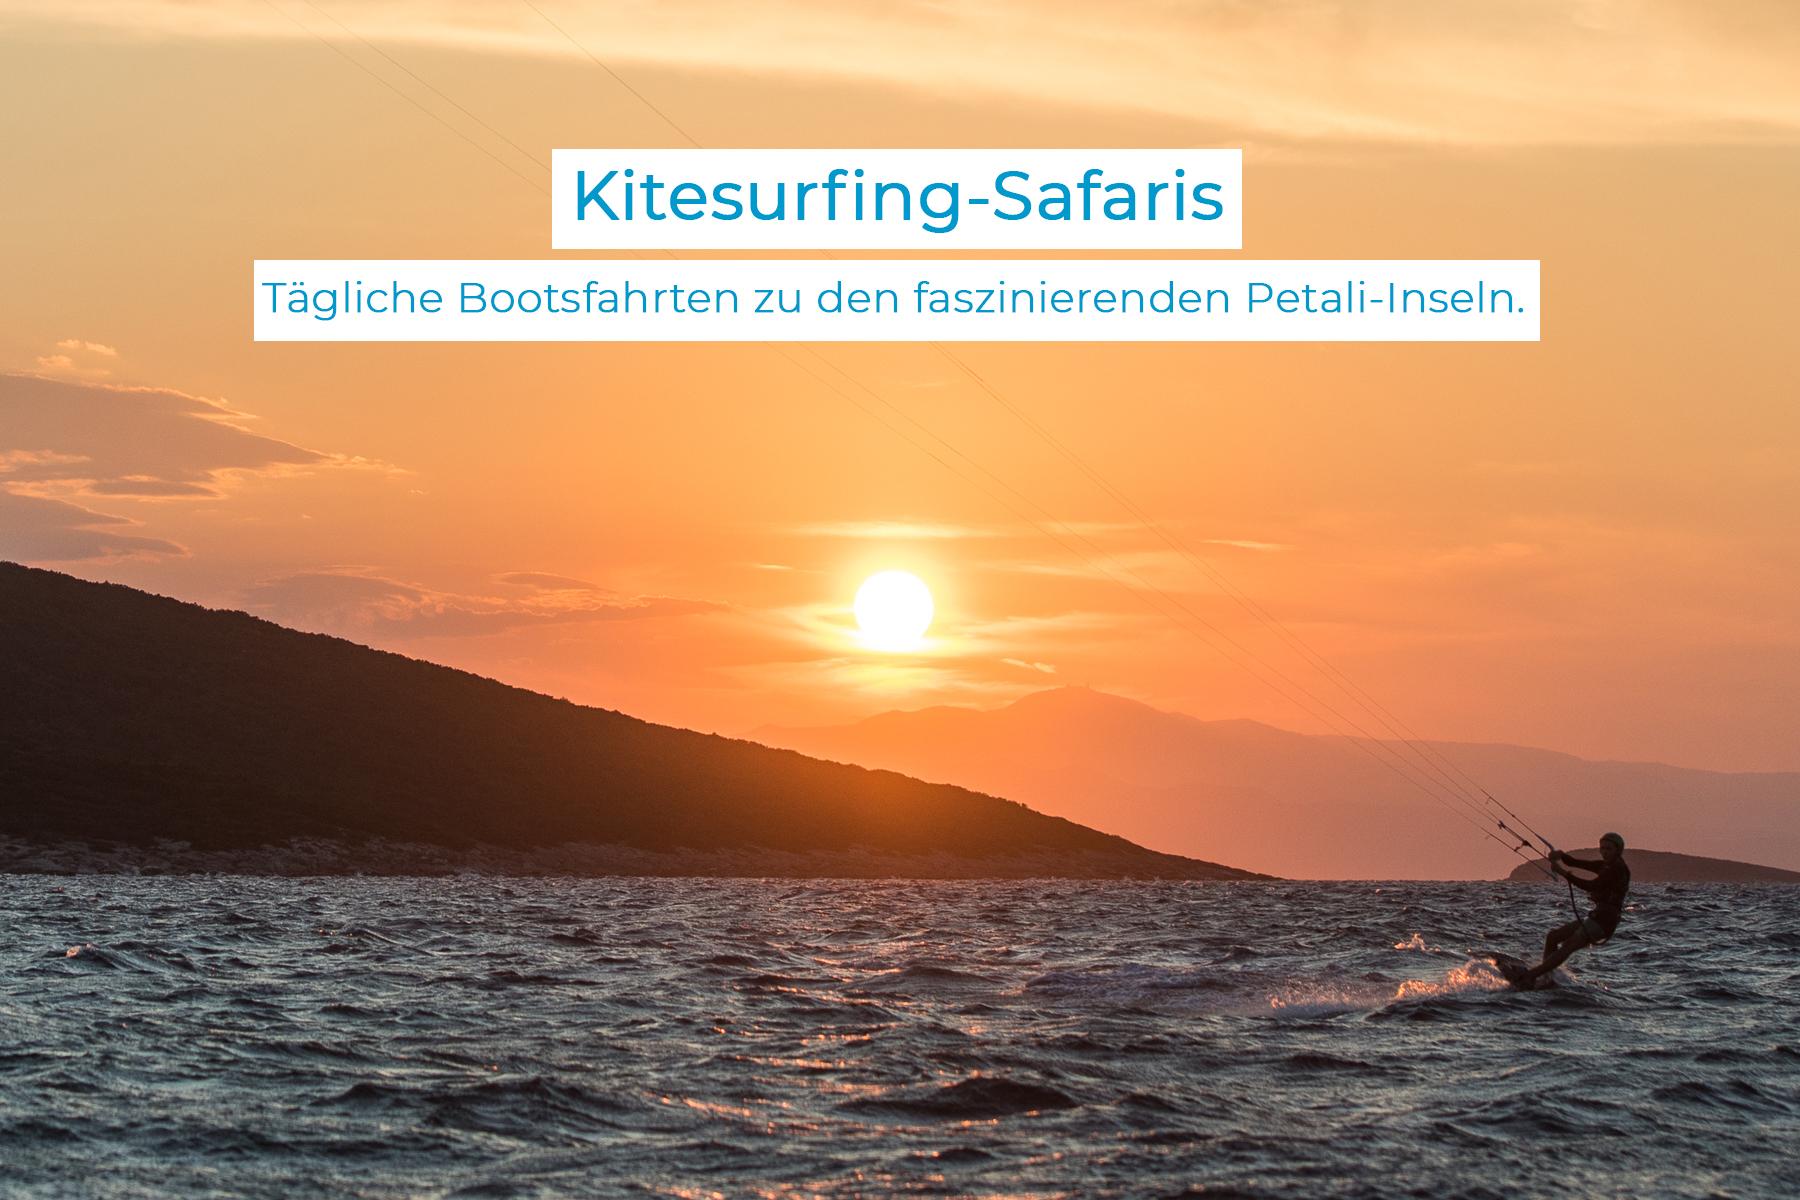 kitesurfing safari